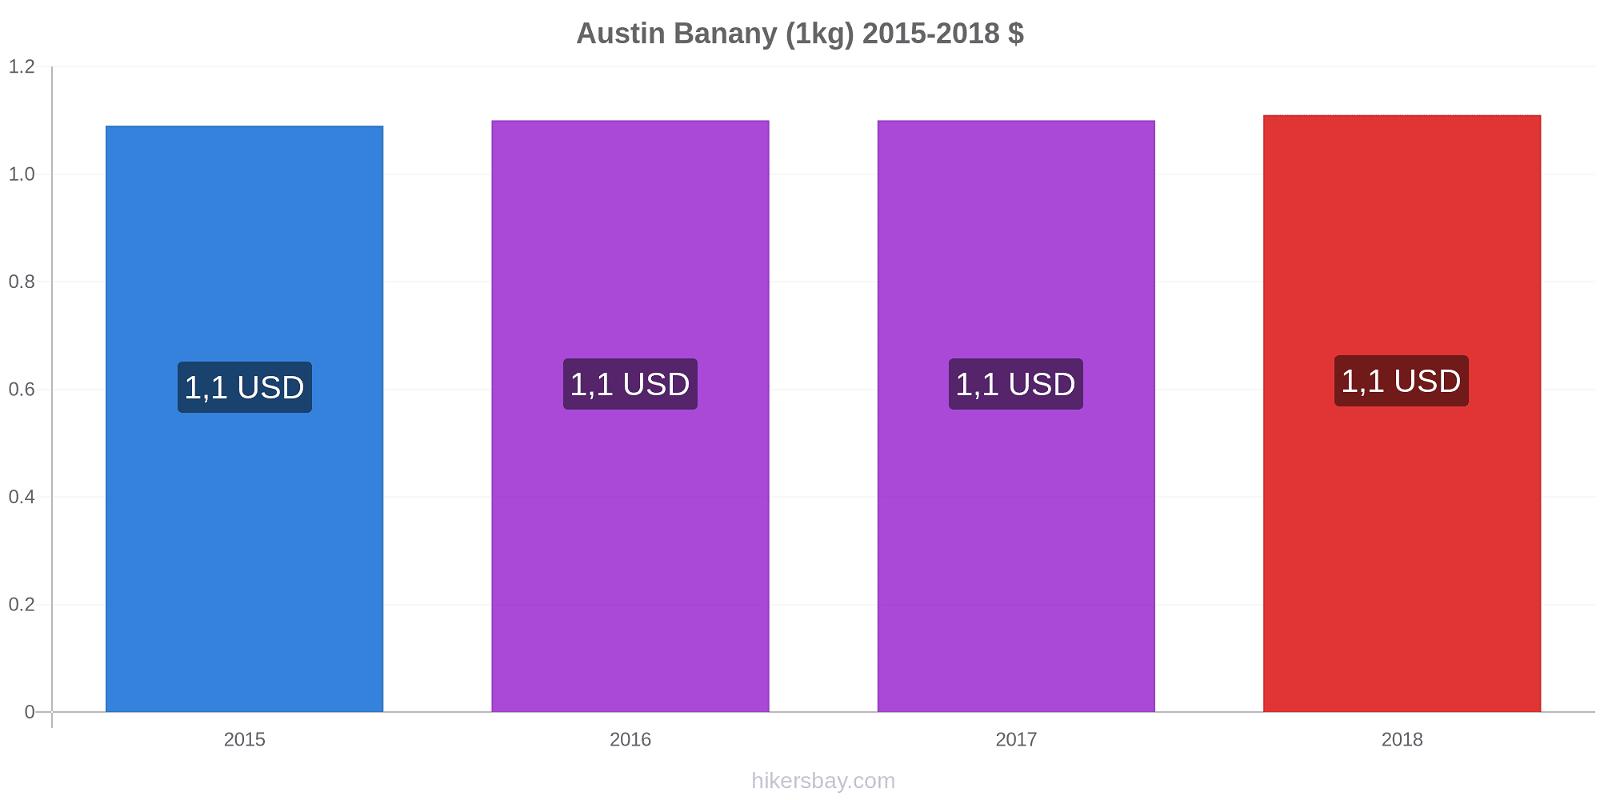 Austin zmiany cen Banany (1kg) hikersbay.com